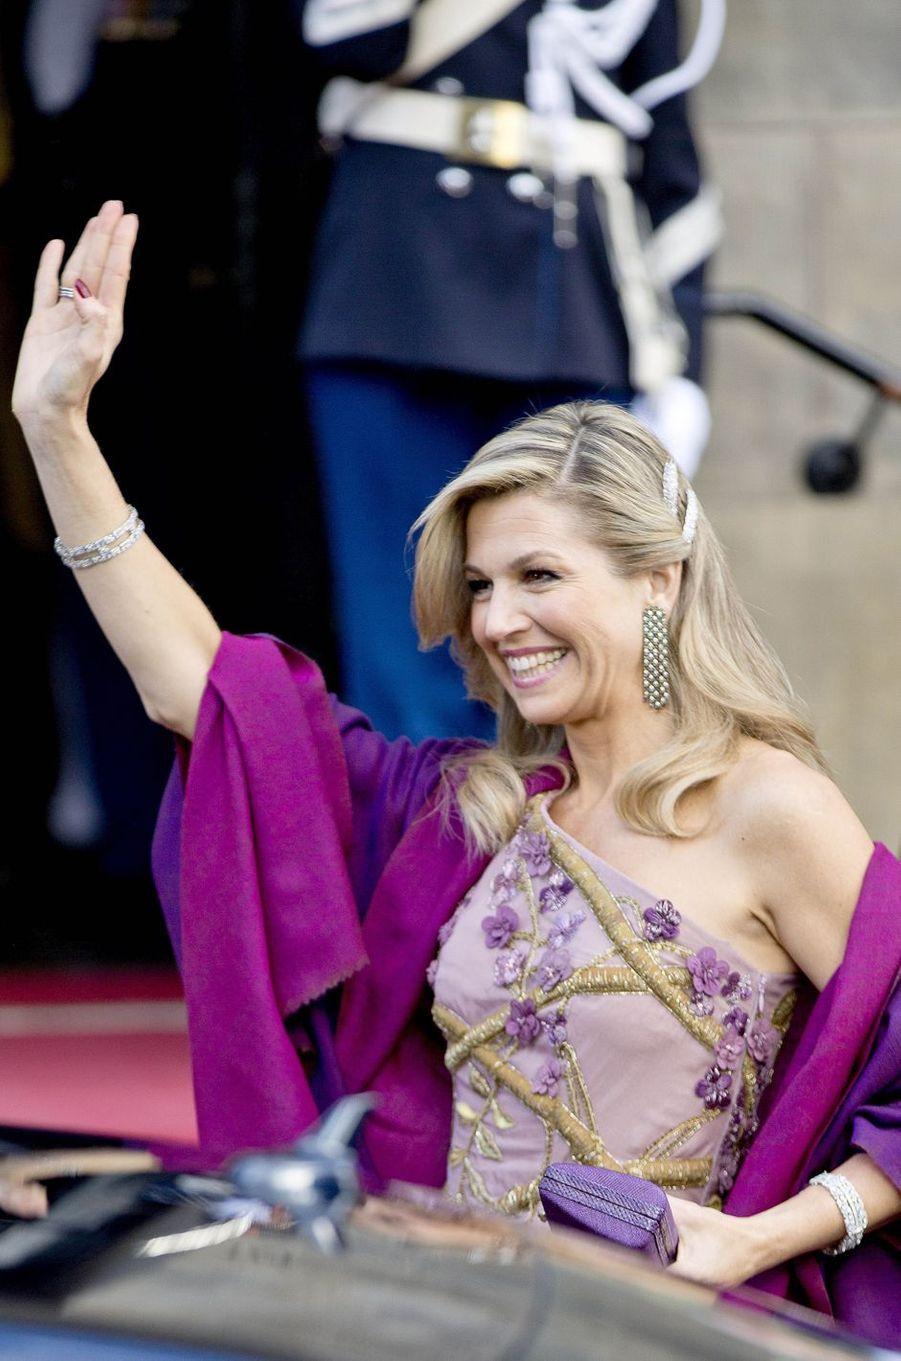 La reine Maxima des Pays-Bas arrive au Palais royal à Amsterdam, le 28 avril 2017